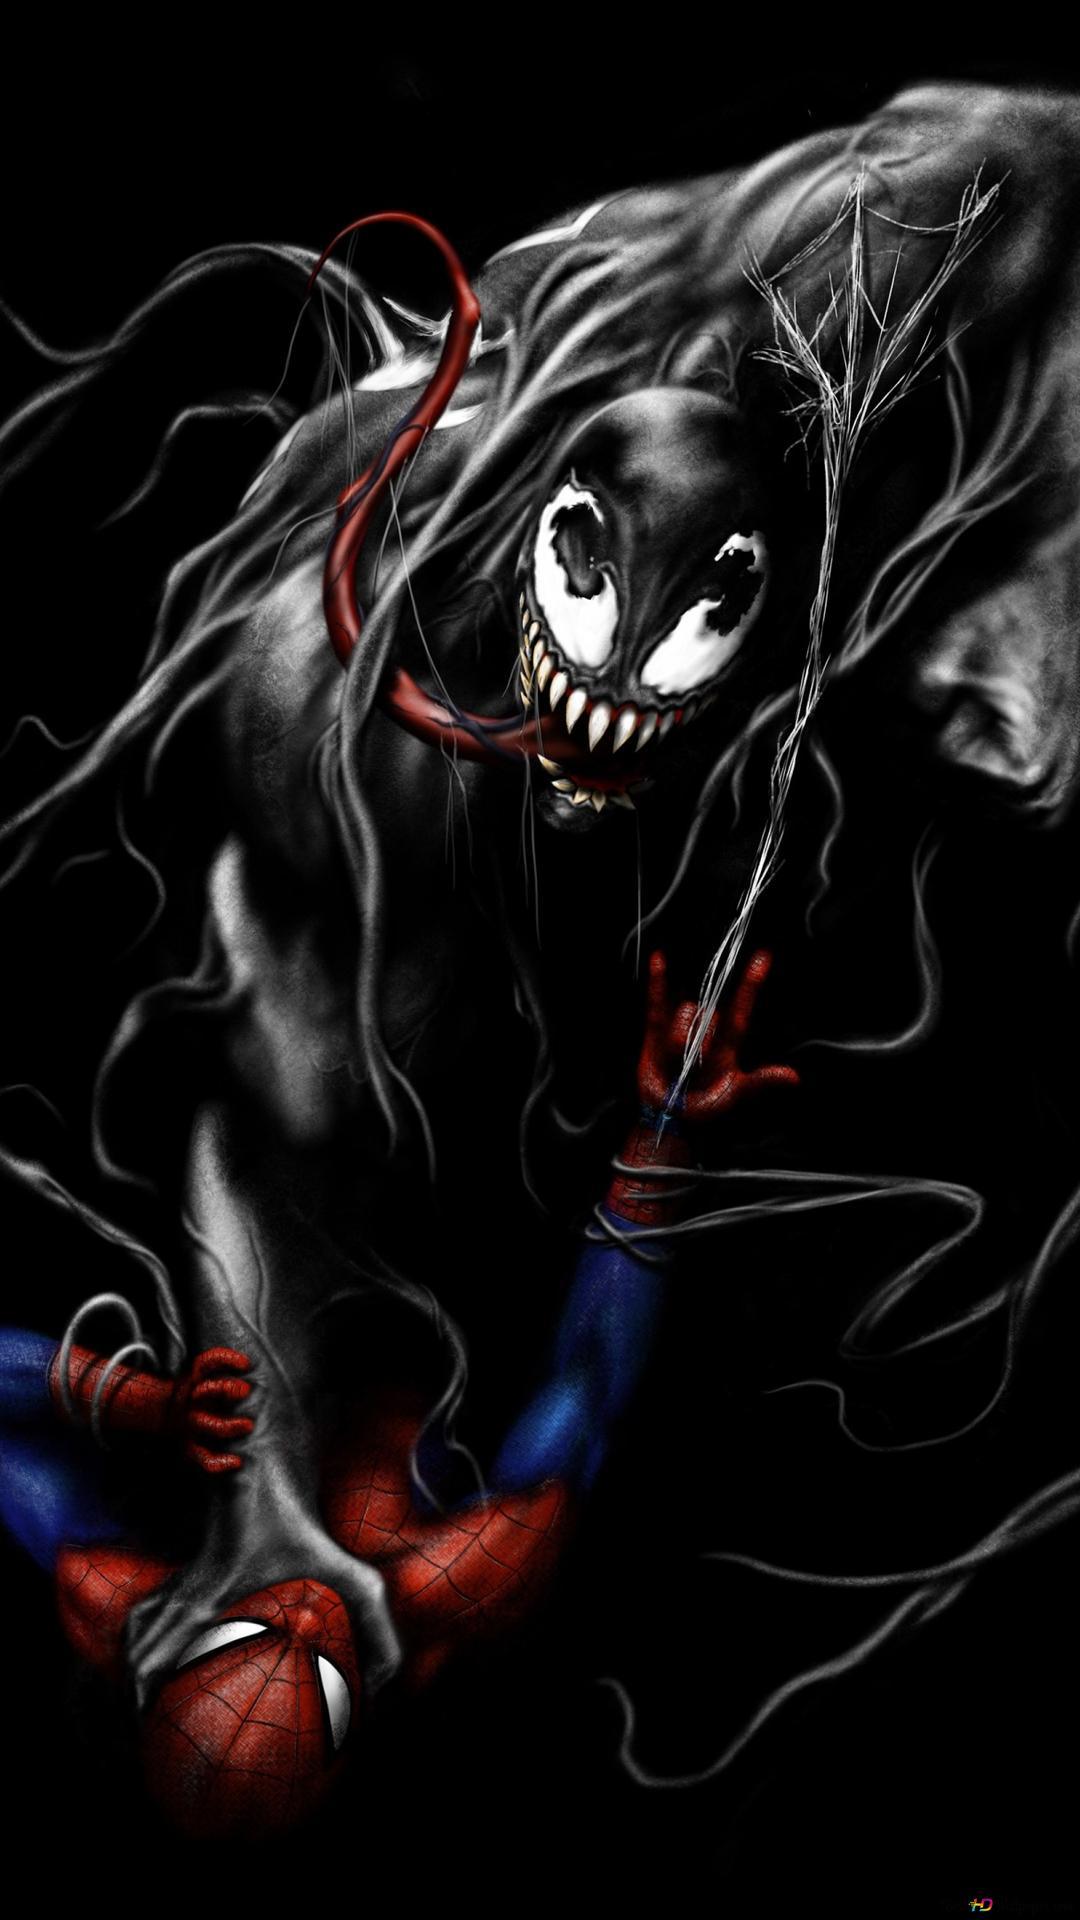 Venom Prendre Sur Spider Man Hd Fond D Ecran Telecharger